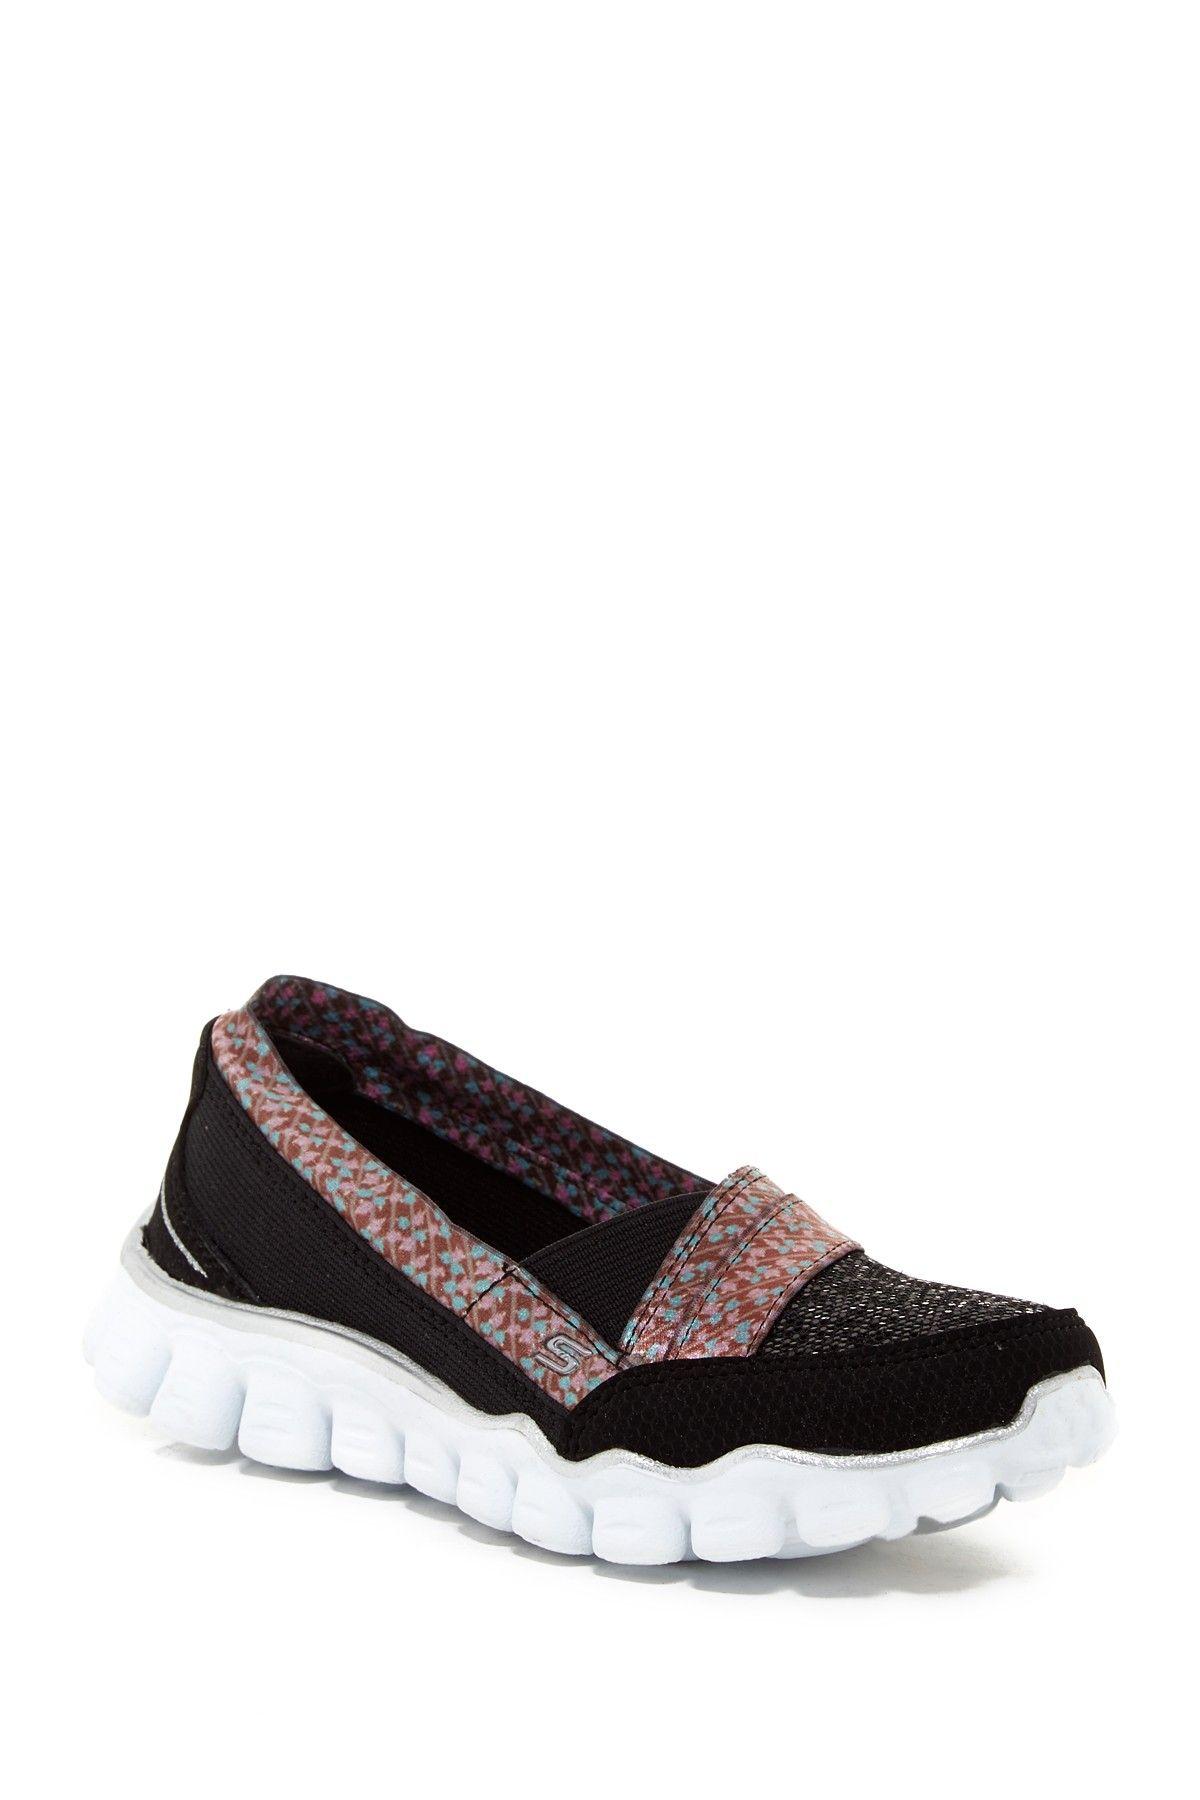 Skech Flex II - Quipster Slip-On Sneaker (Little Kid)